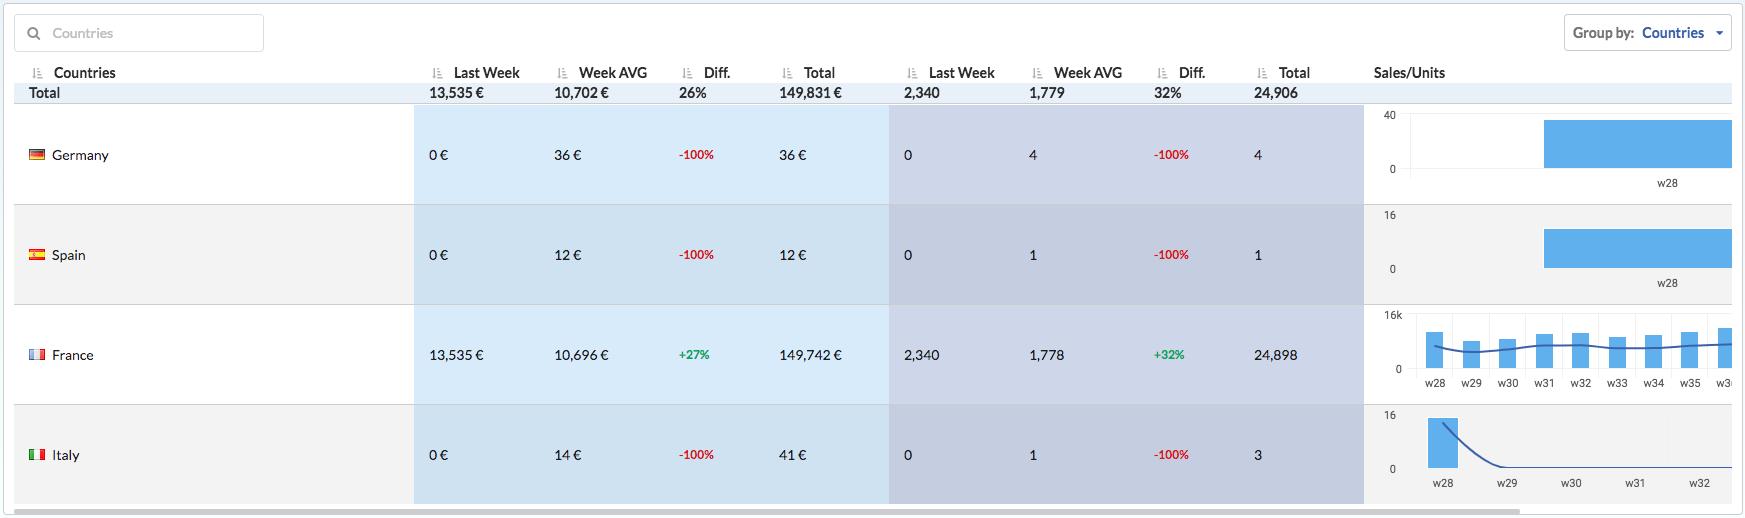 Seelk Studio Dashboards Sales